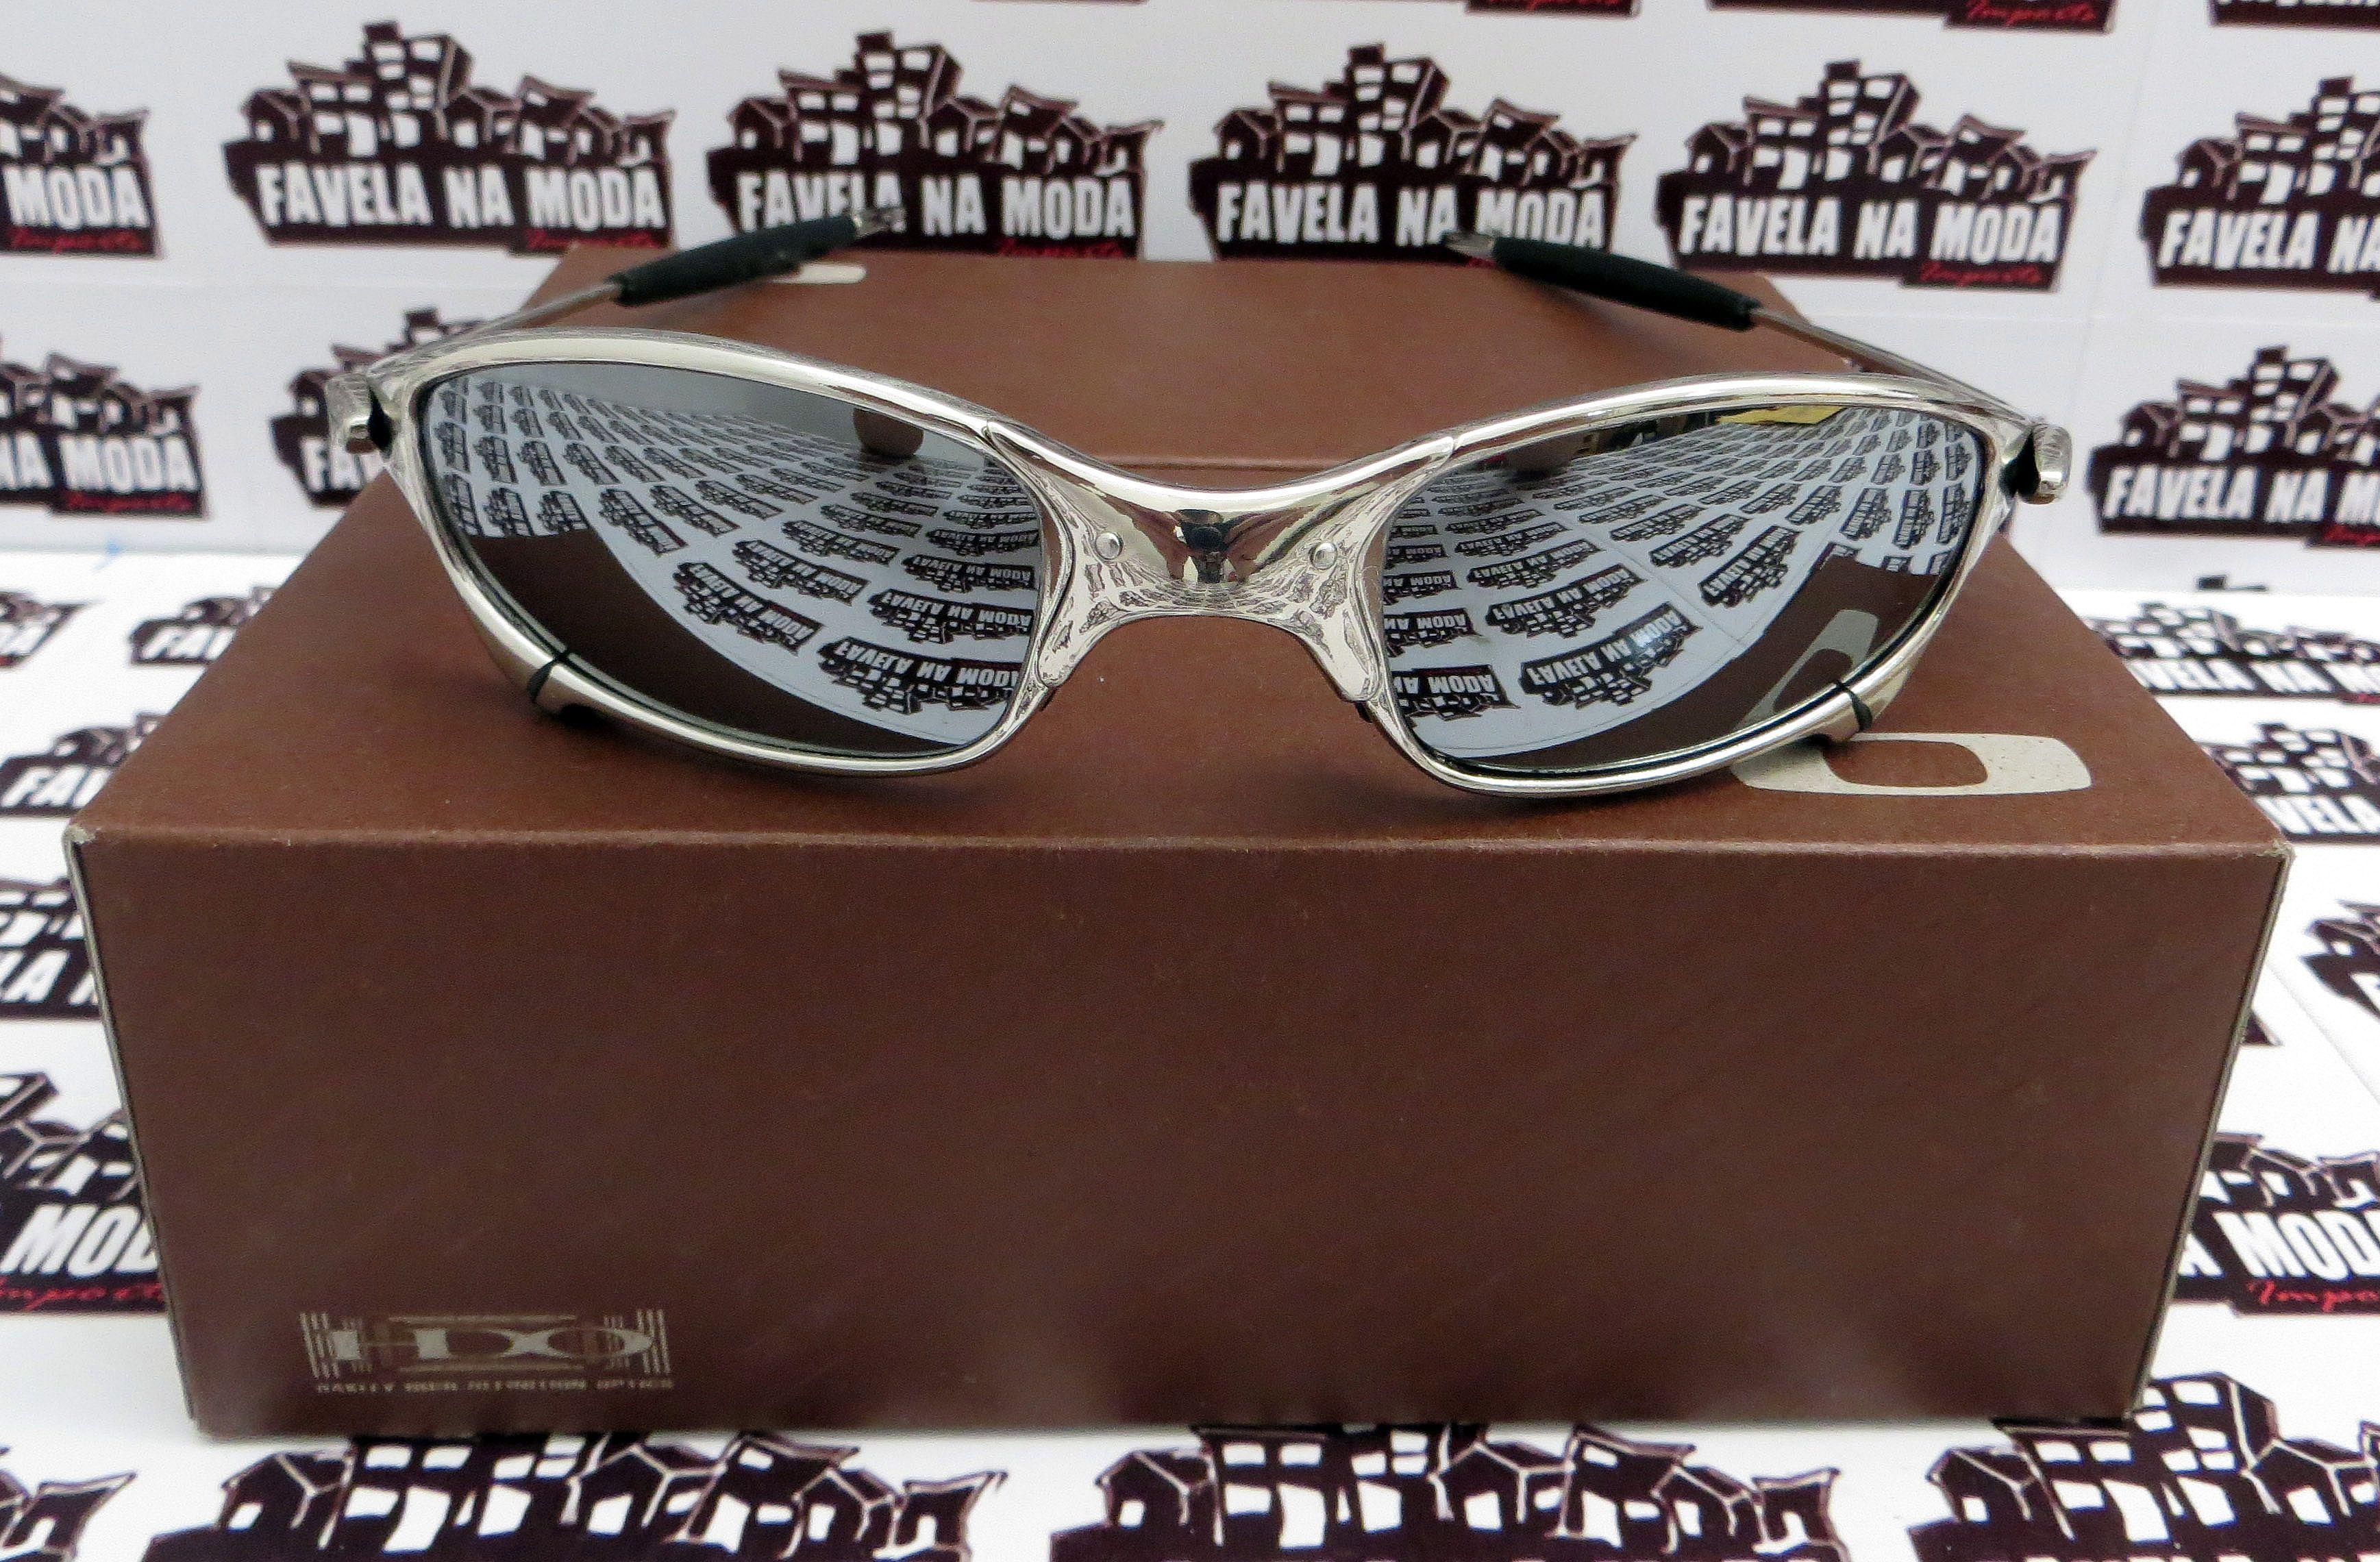 bce24959a Óculos Oakley Juliet - Polished / Liquid Metal / Borrachas Pretas